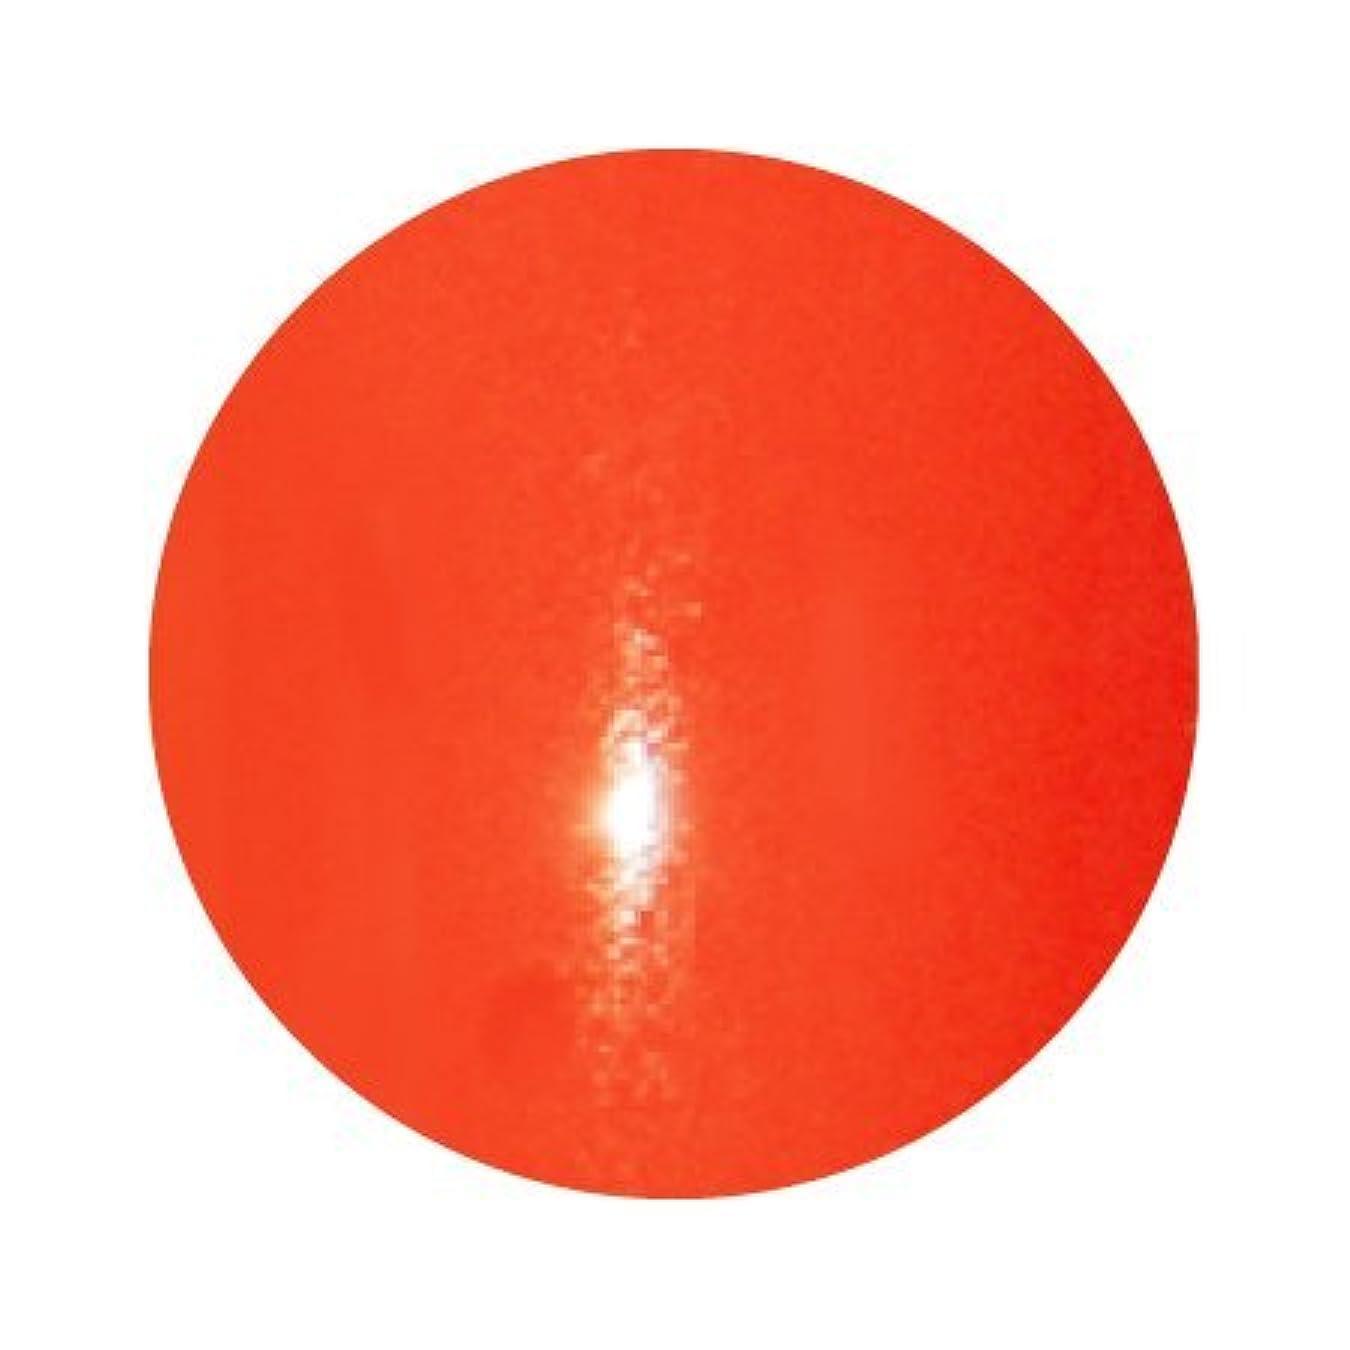 繊毛アセンブリ時間厳守ジェルネイル カラージェル プリジェル PREGEL スーパーカラーEX PG-SE811 マリーゴールド 3g